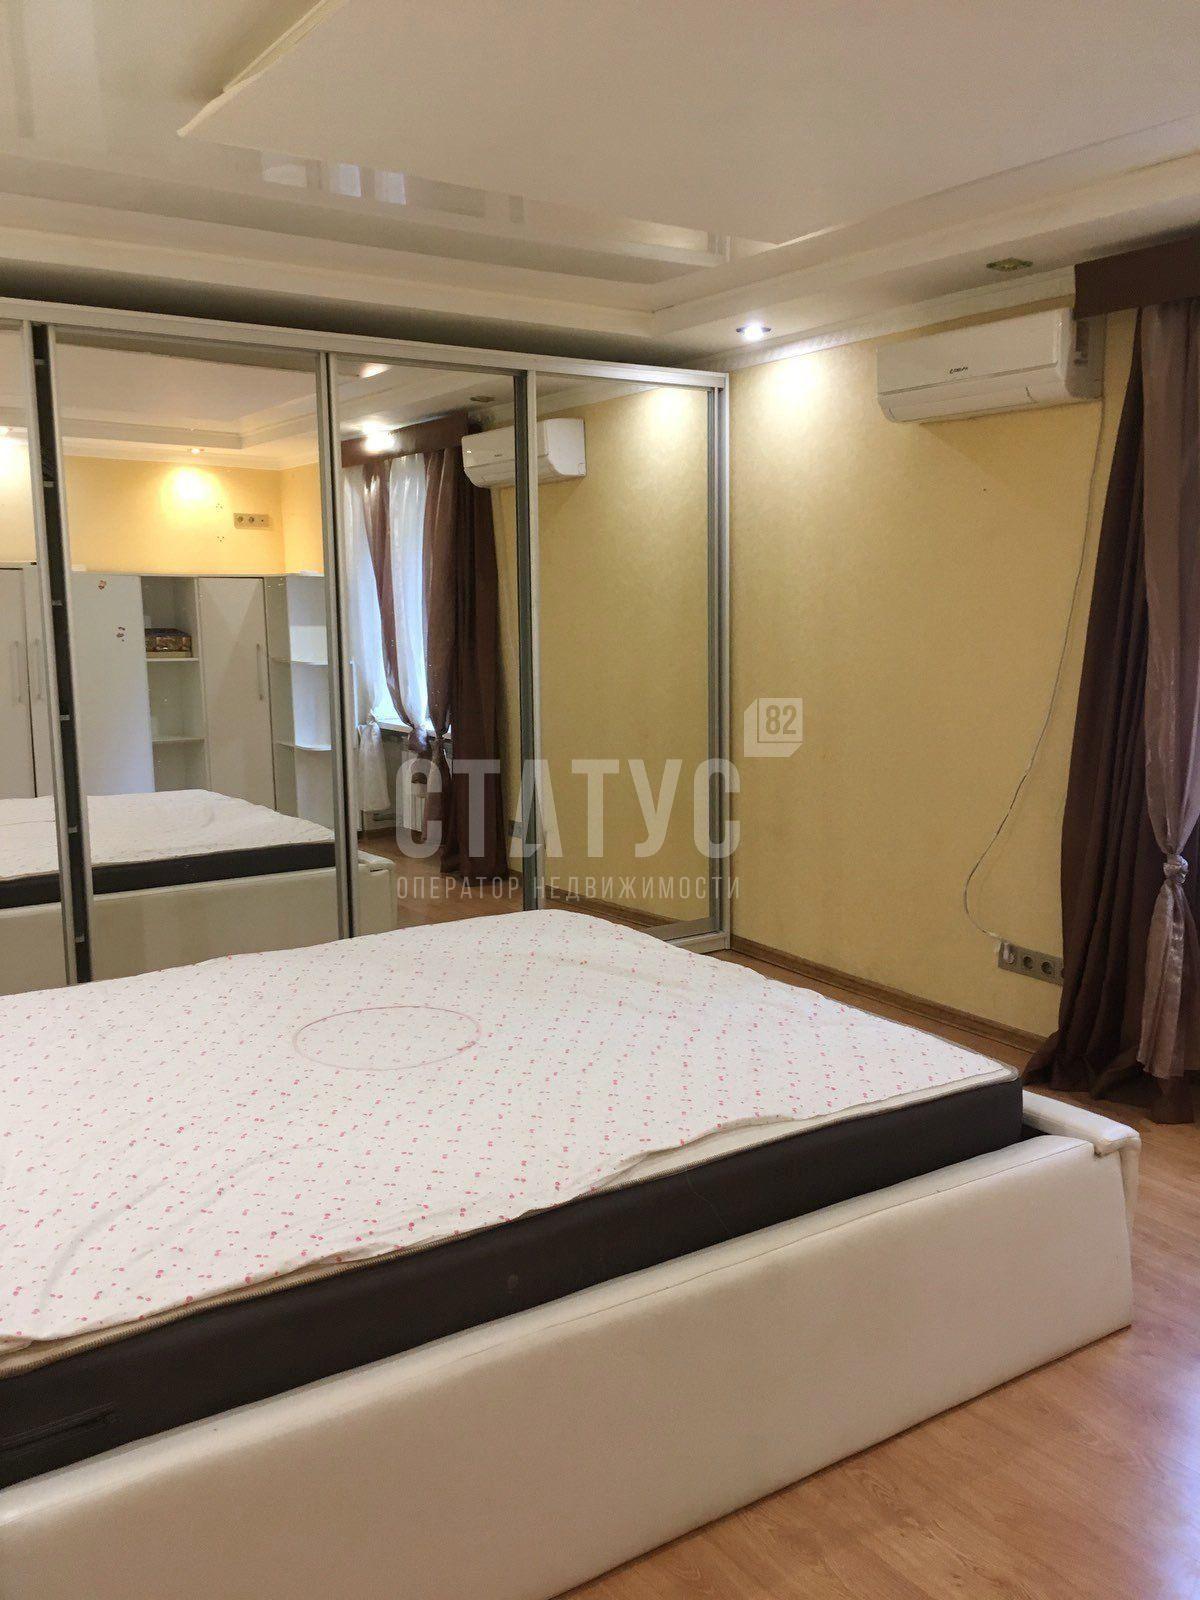 Квартира в аренду по адресу Россия, Республика Крым, Ялта, Красноармейская ул, 50